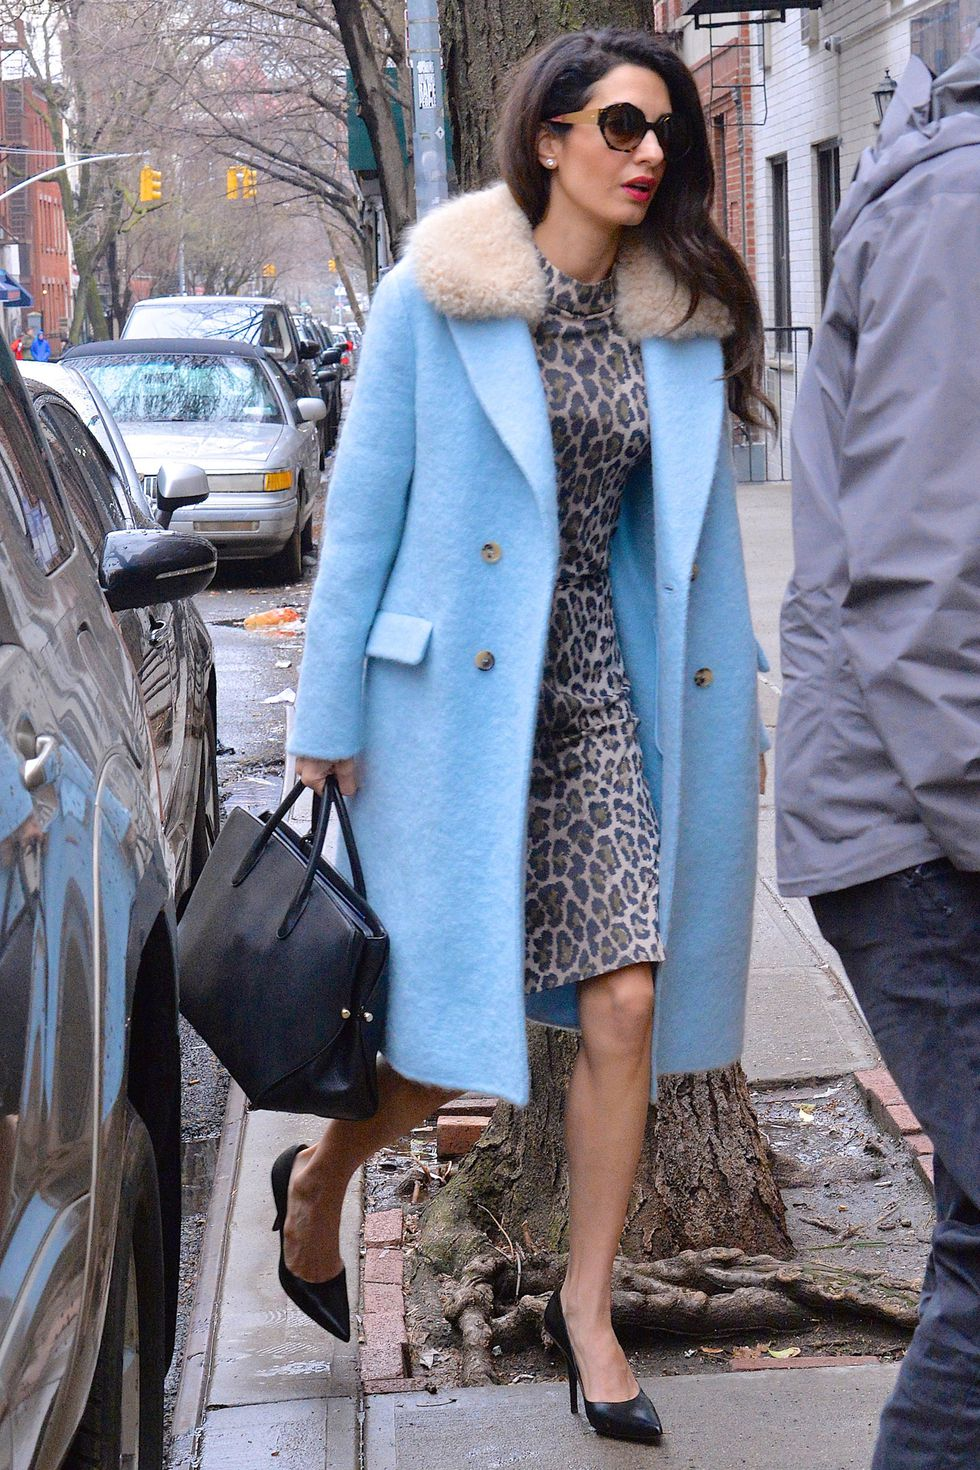 Copia los mejores estilismos de Amal Clooney- vestido leopardo